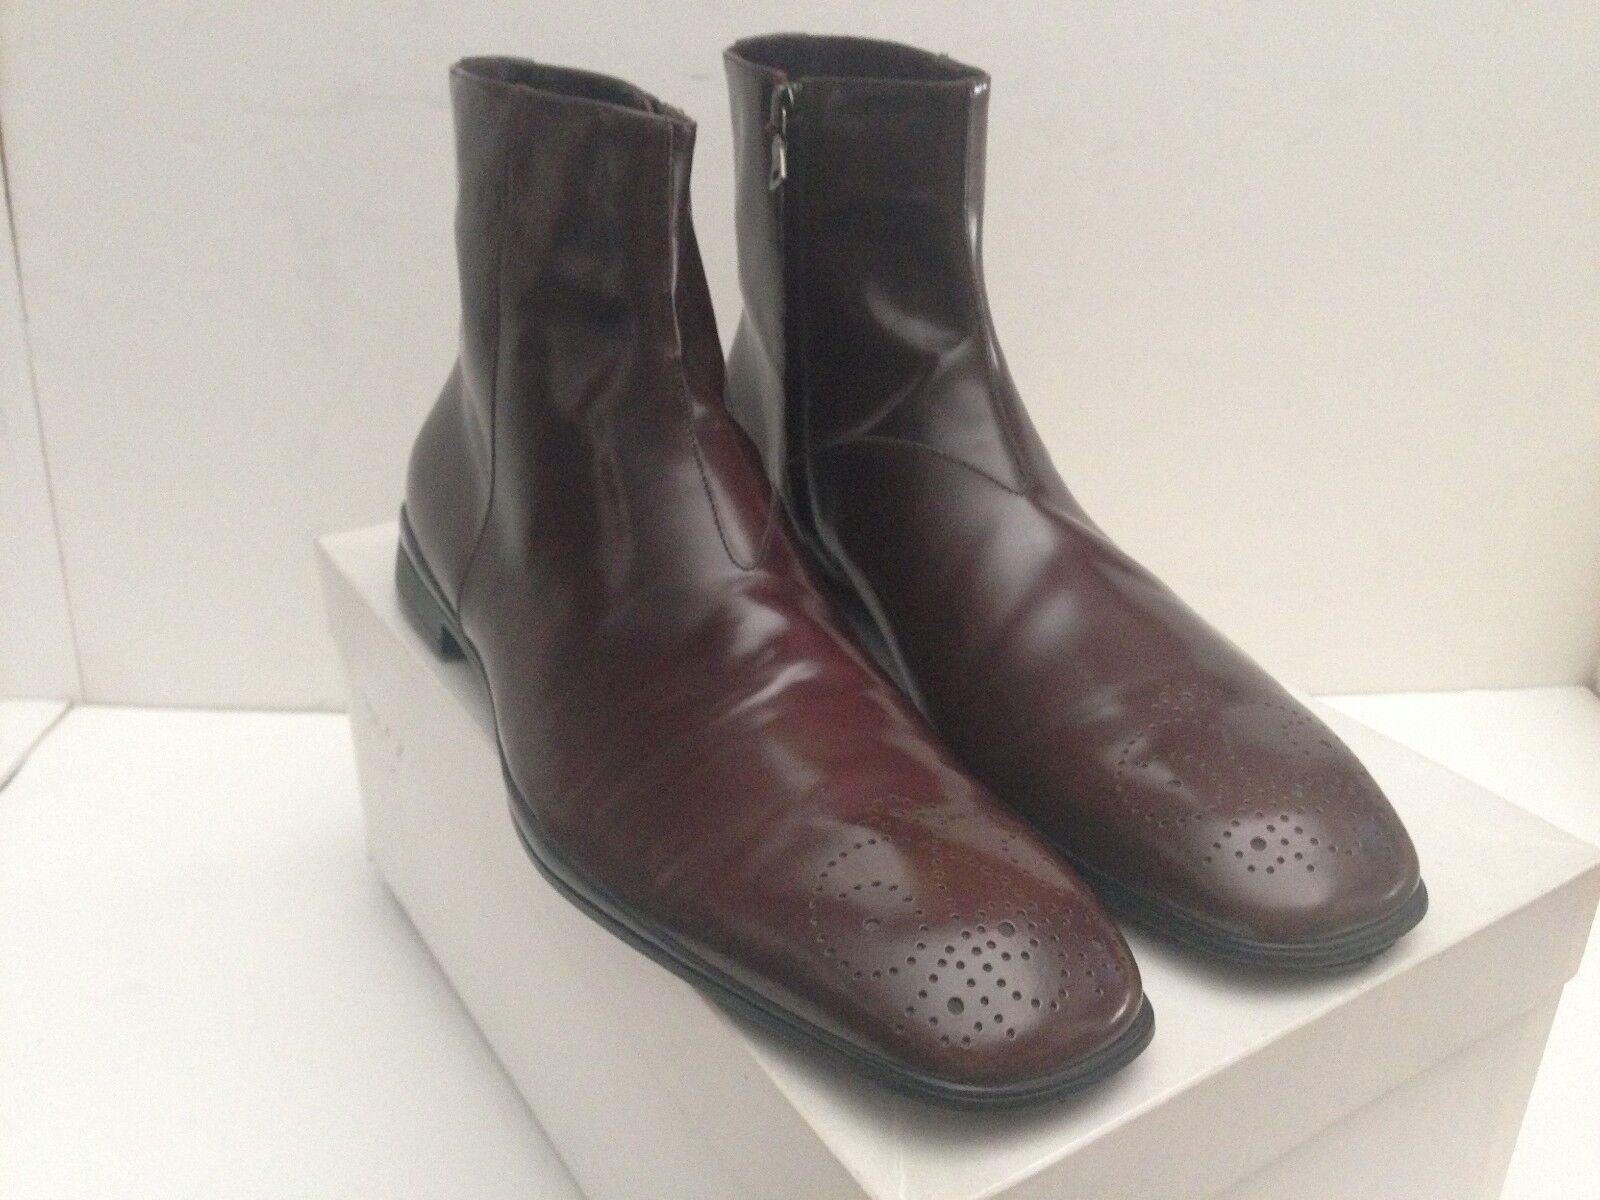 Incrustación de PRADA MILANO SPAZZOLATO Cuero Diseño Cremallera Lateral botas Talla EE. UU. 11.5 Reino Unido 10.5